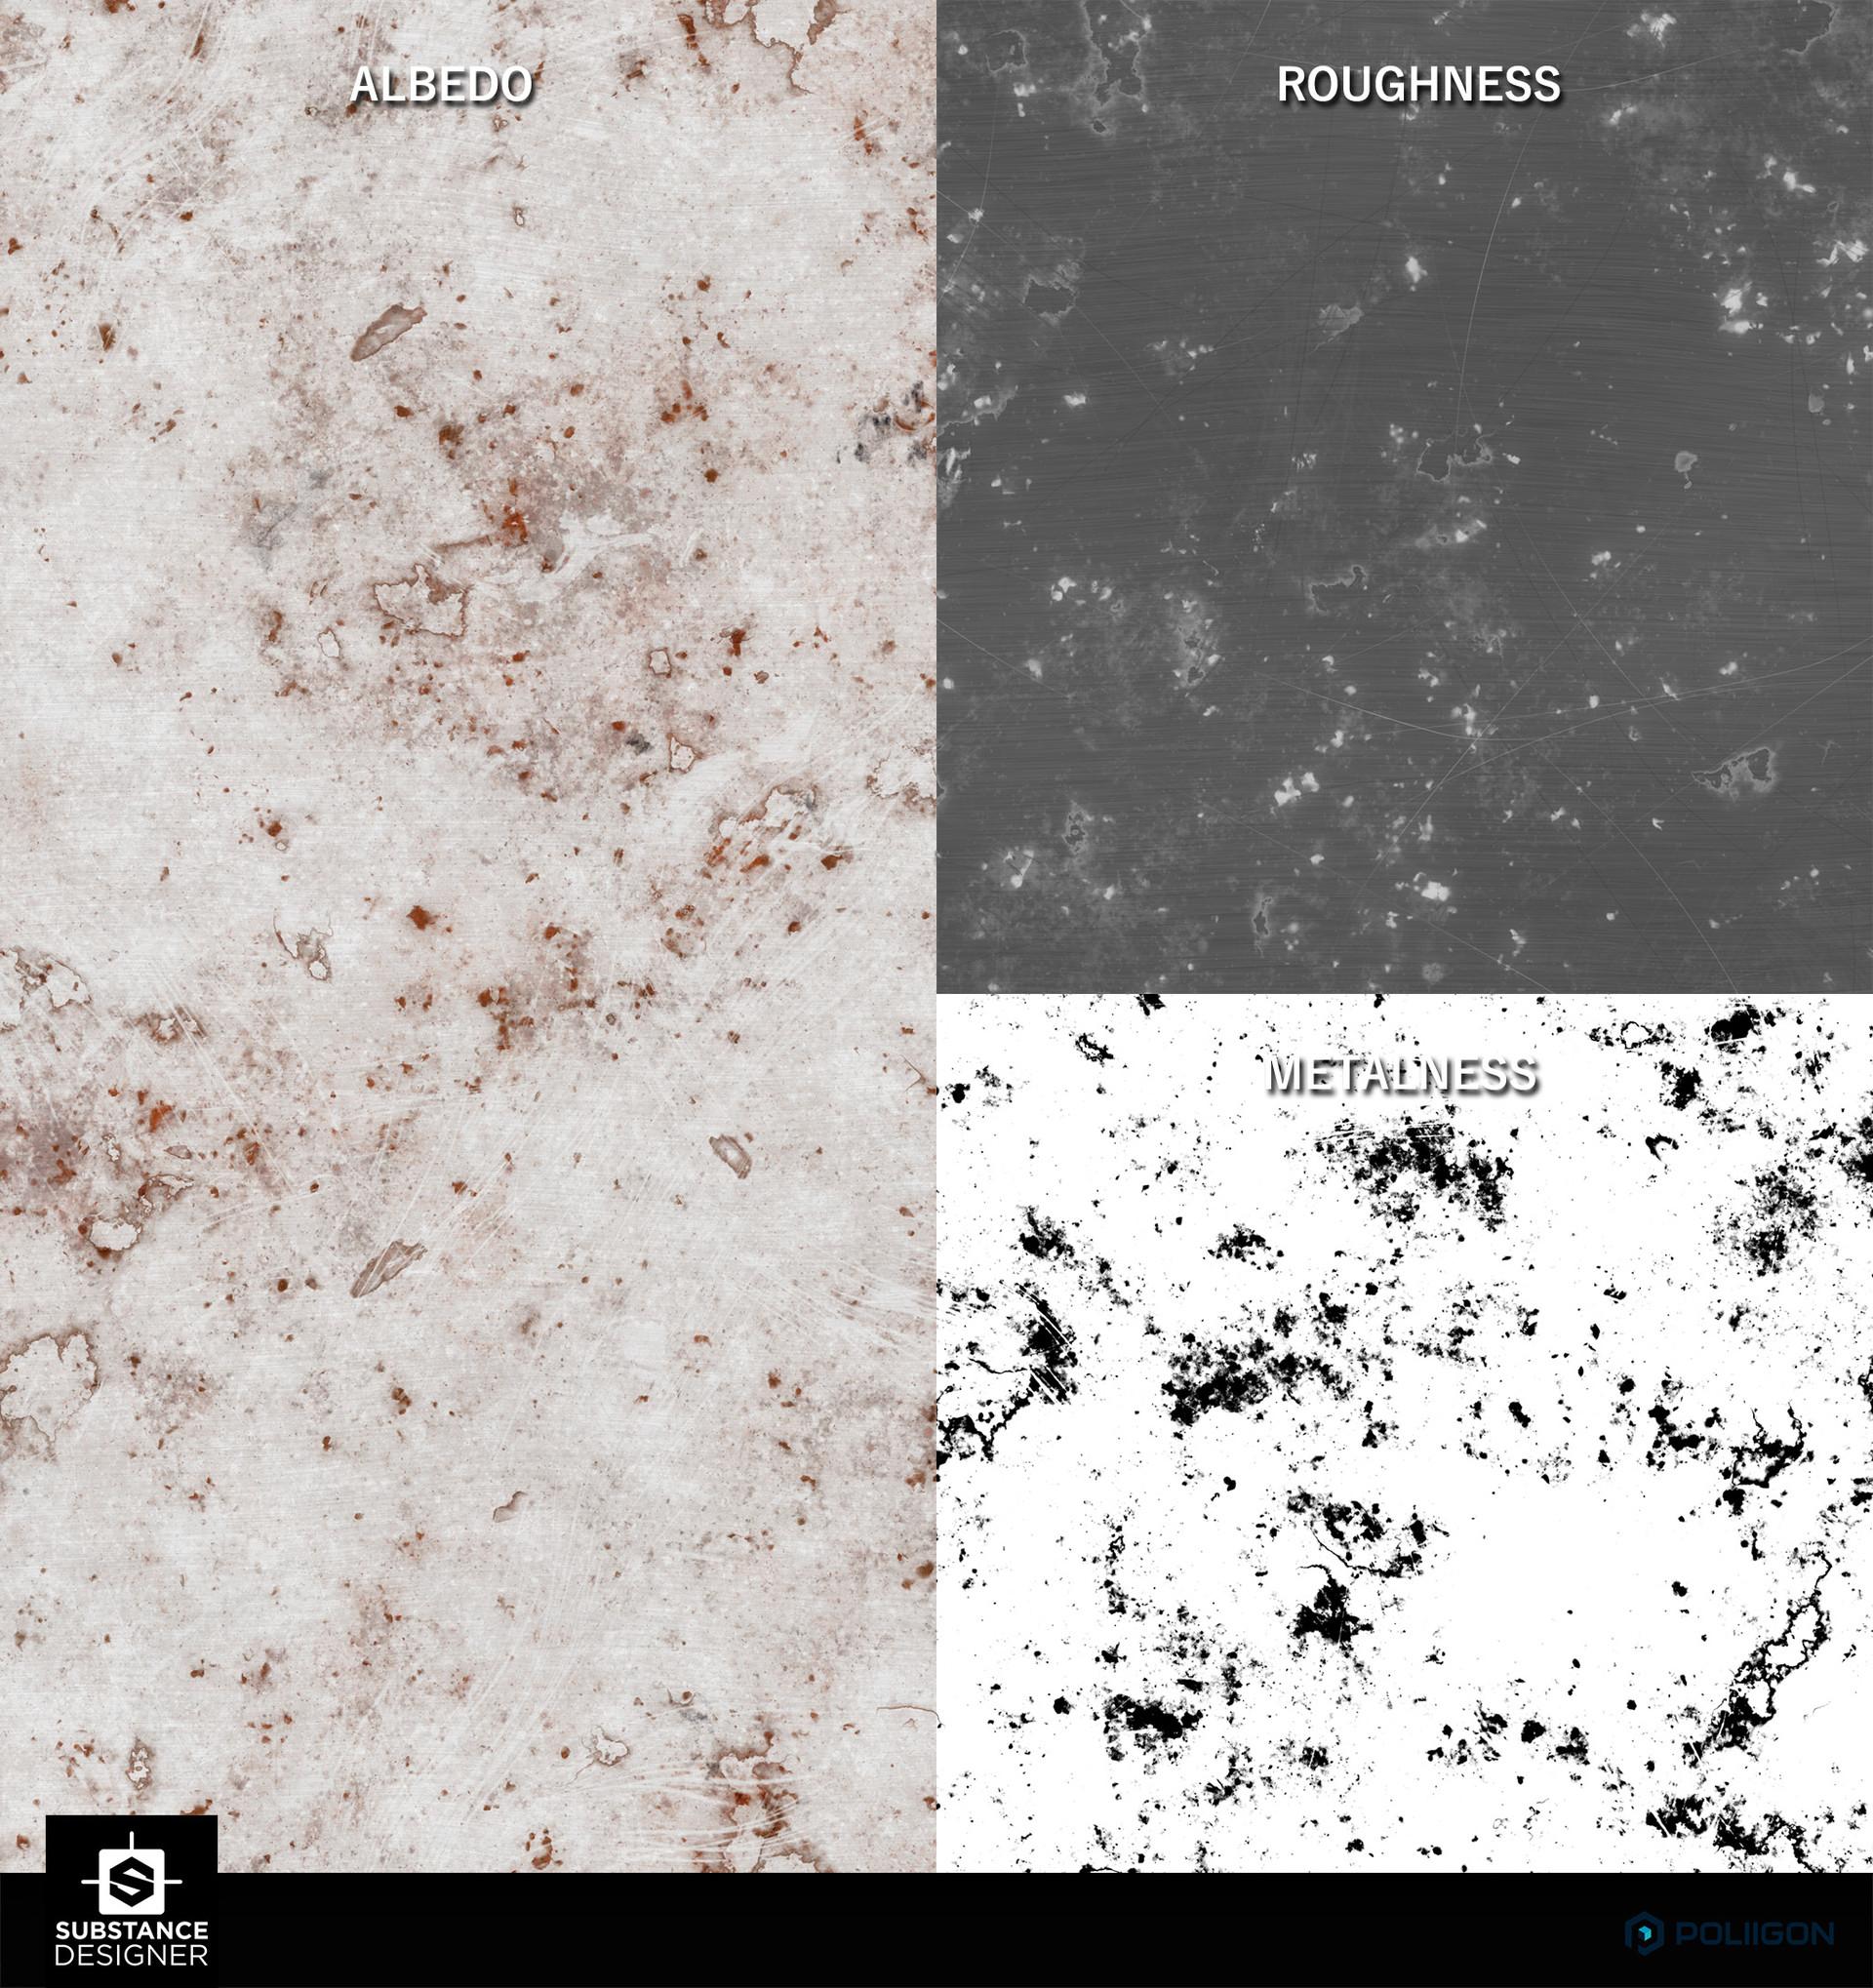 Guilherme henrique spottydiscoloration sheet